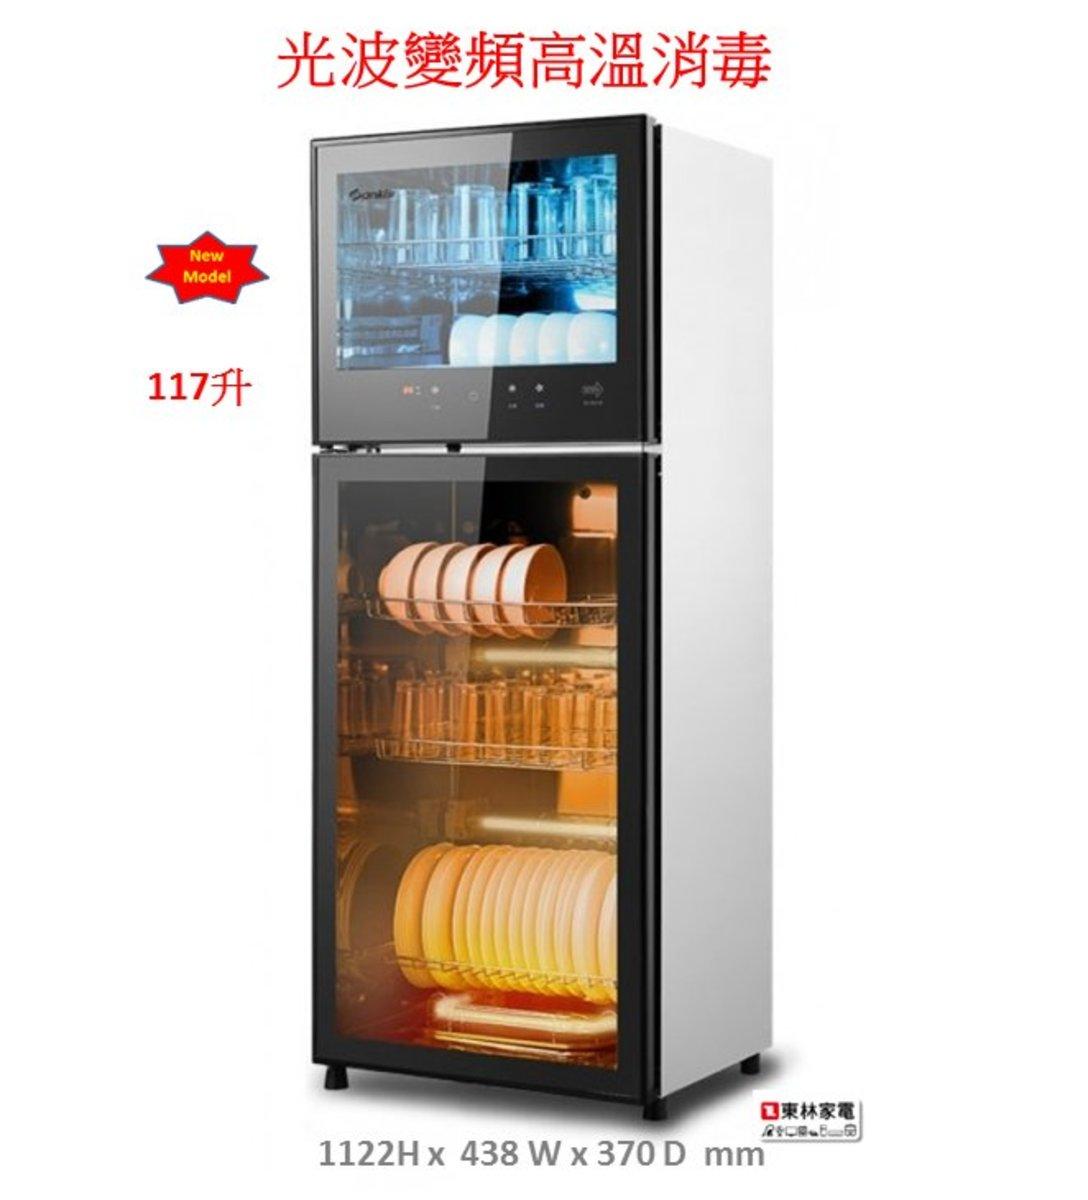 第二代雙層智能消毒碗櫃(117公升) SKDS138